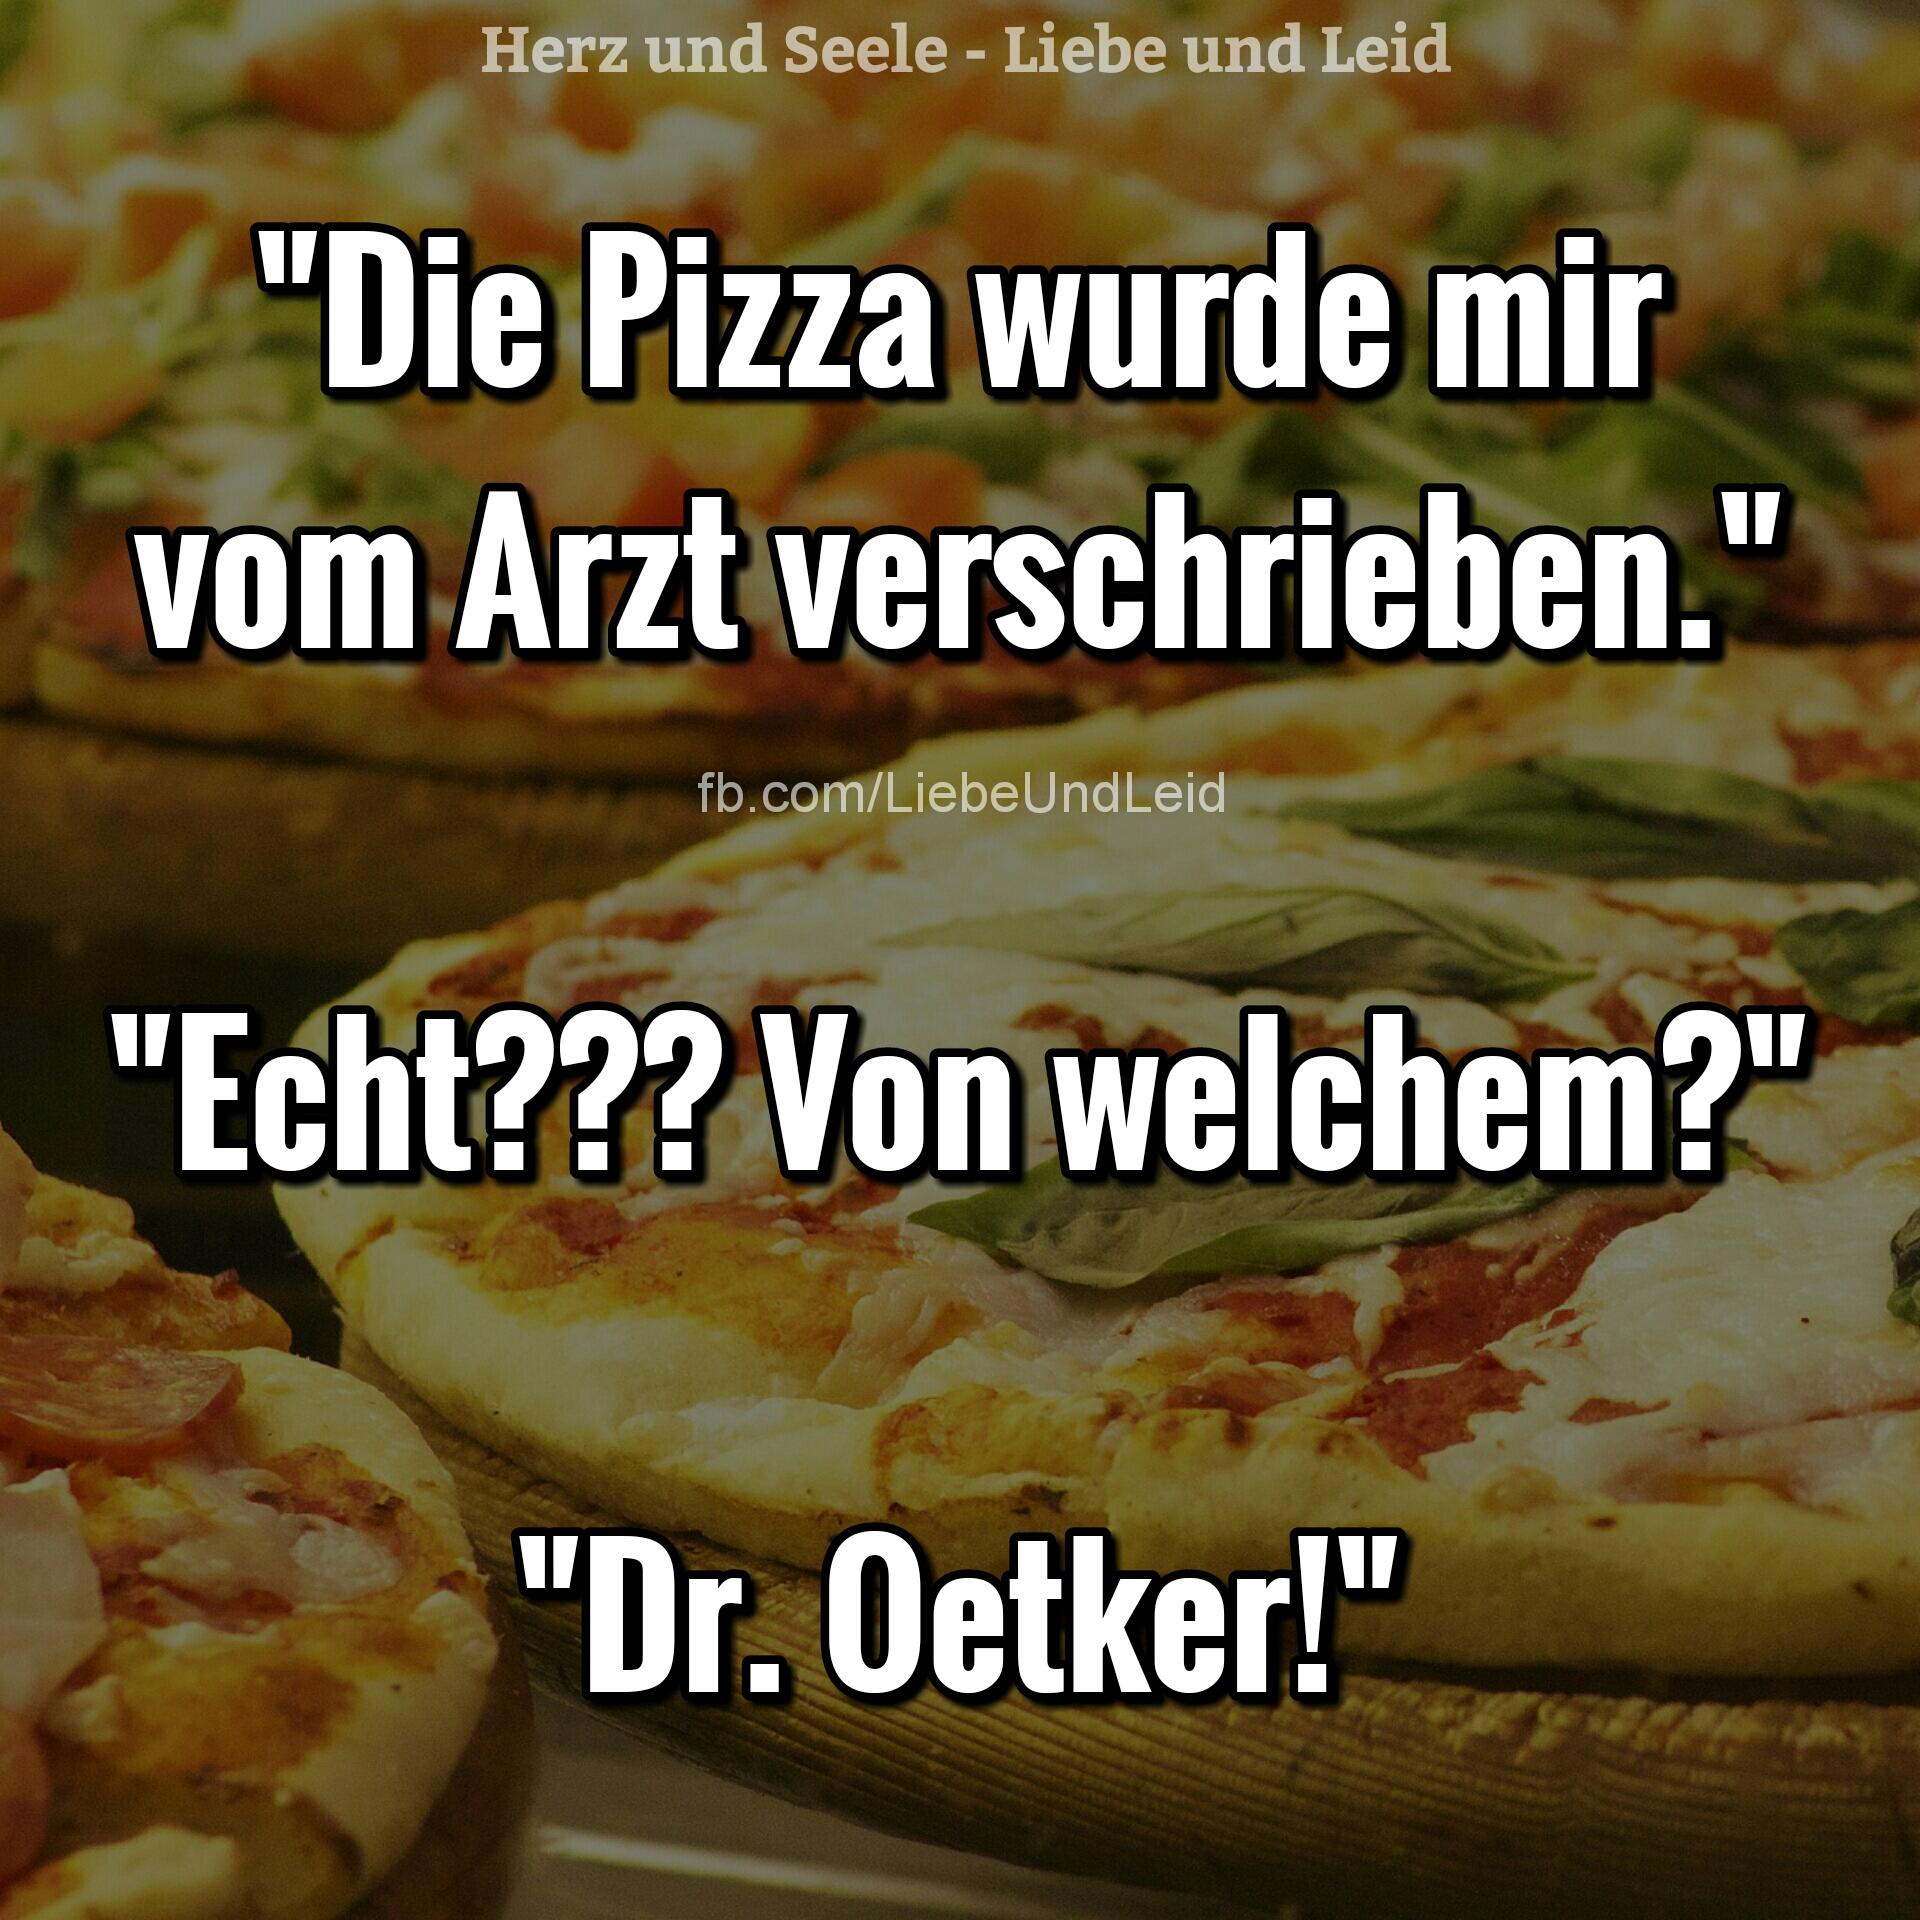 die.pizza.wurde.mir.vom.arzt.verschrieben